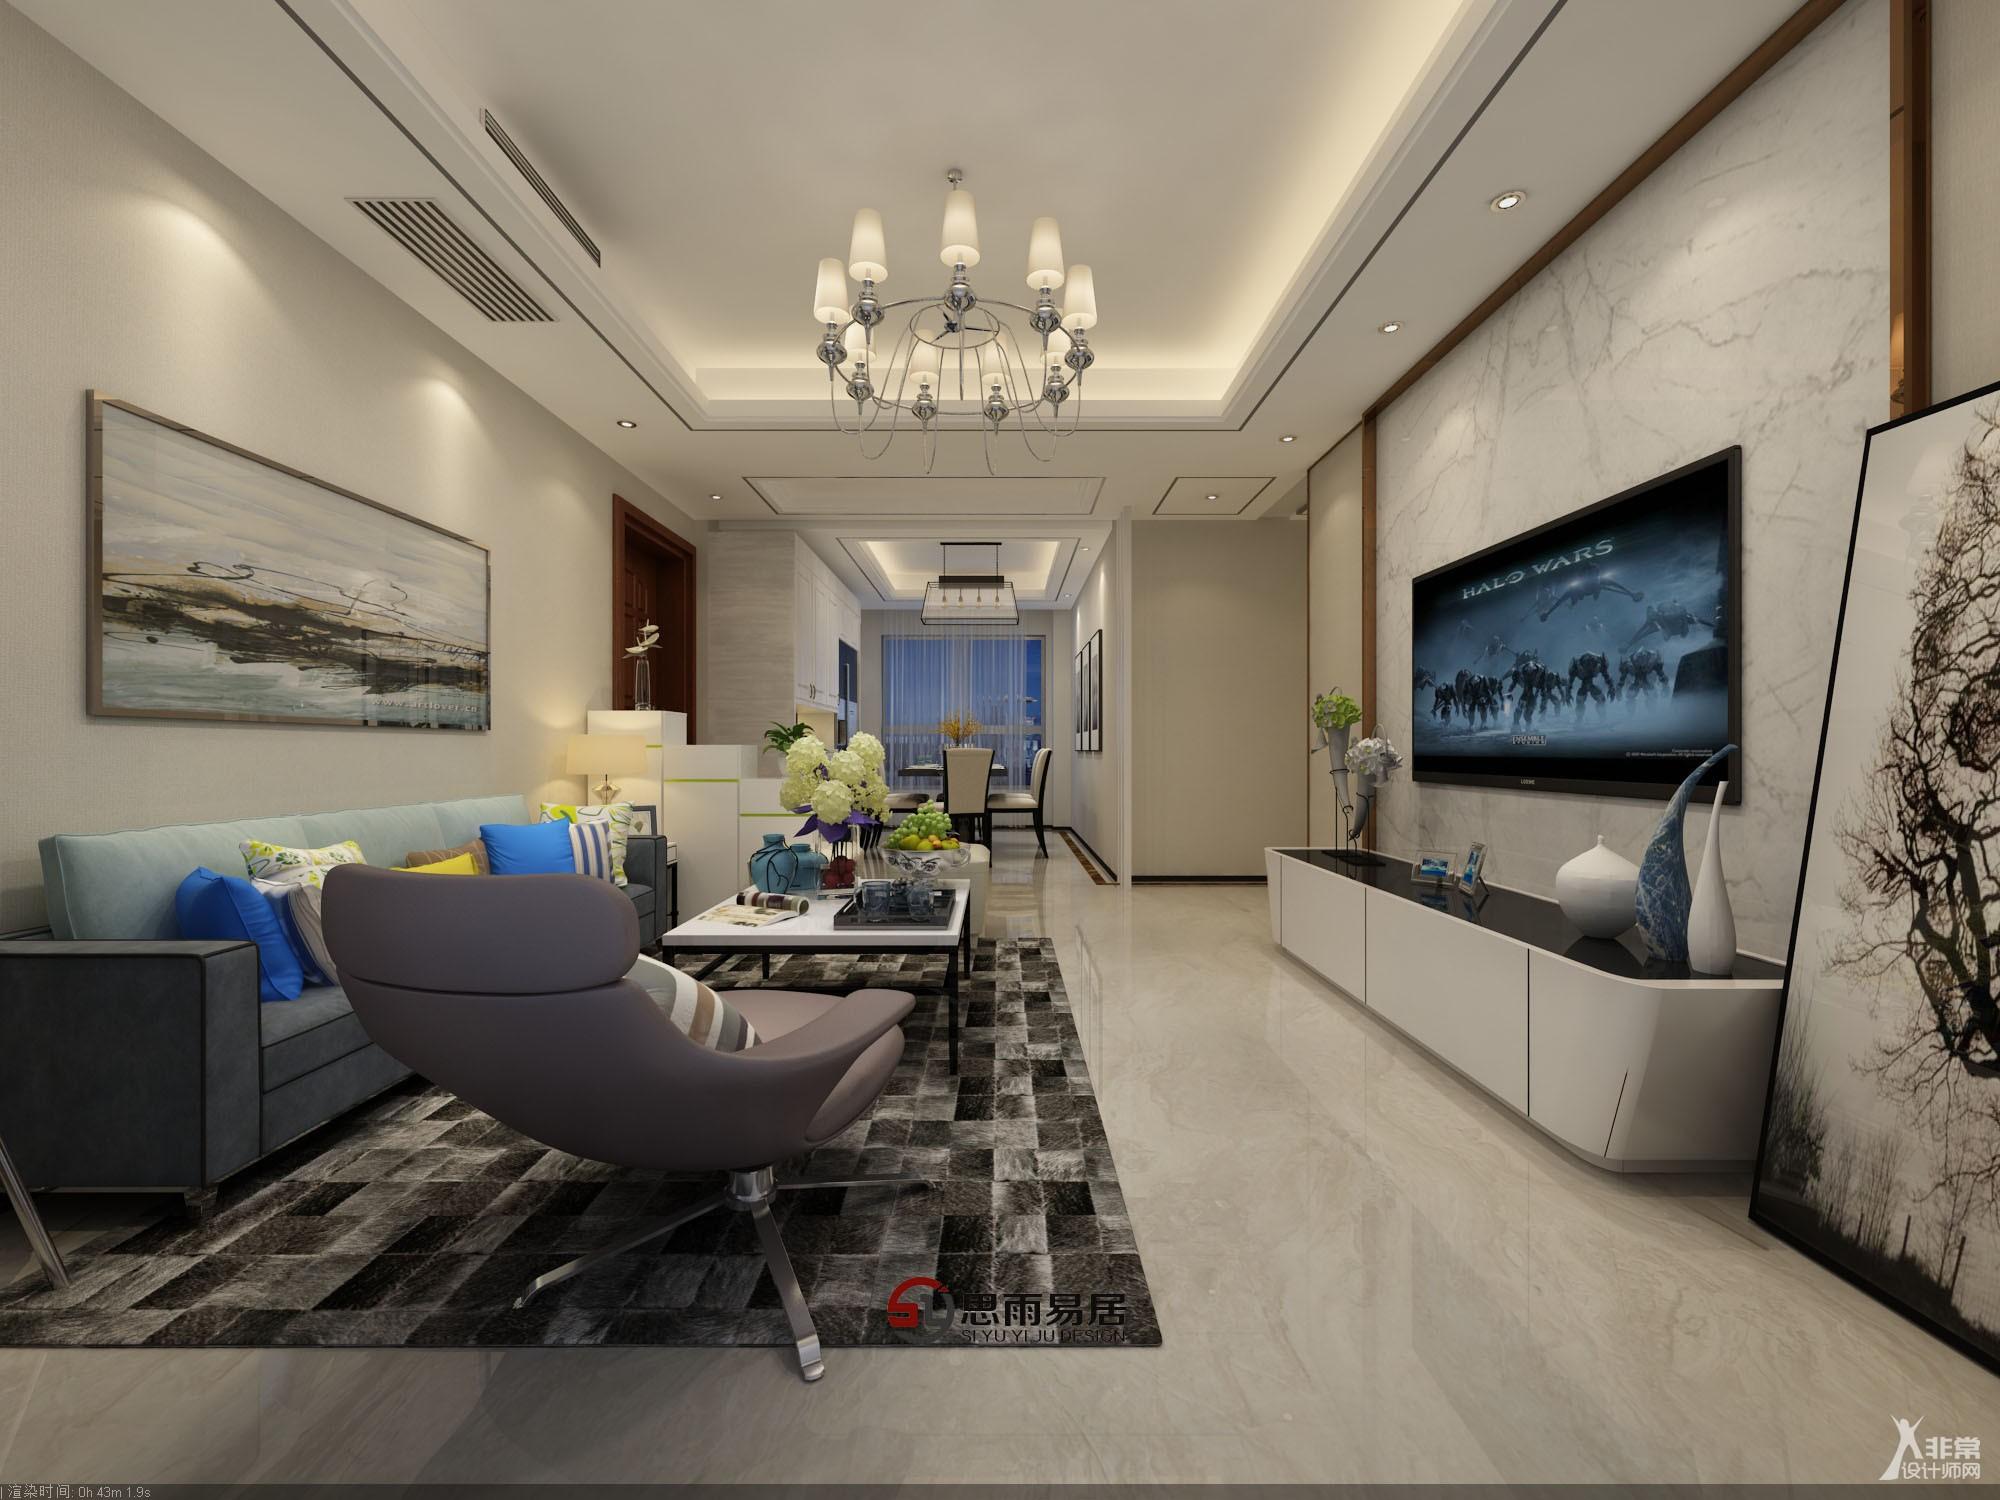 扬州君悦华府108平方米3居室现代风格装修案例《静》